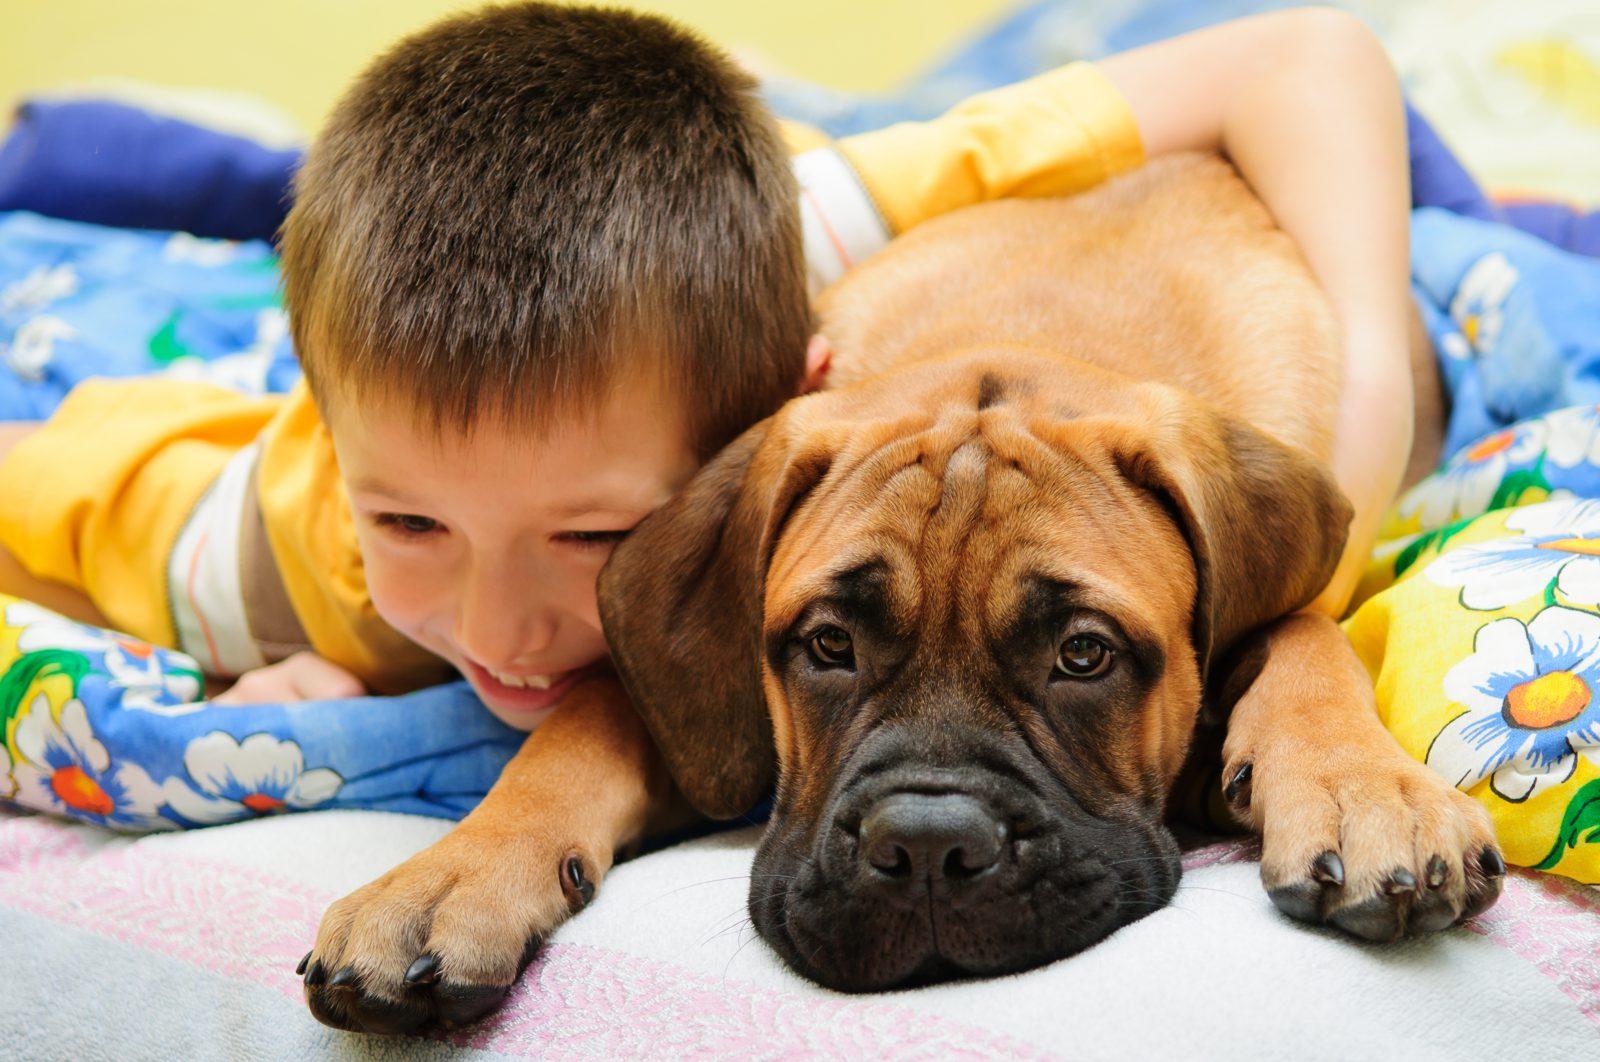 razoes-cachorro-dormir-cama-junto2